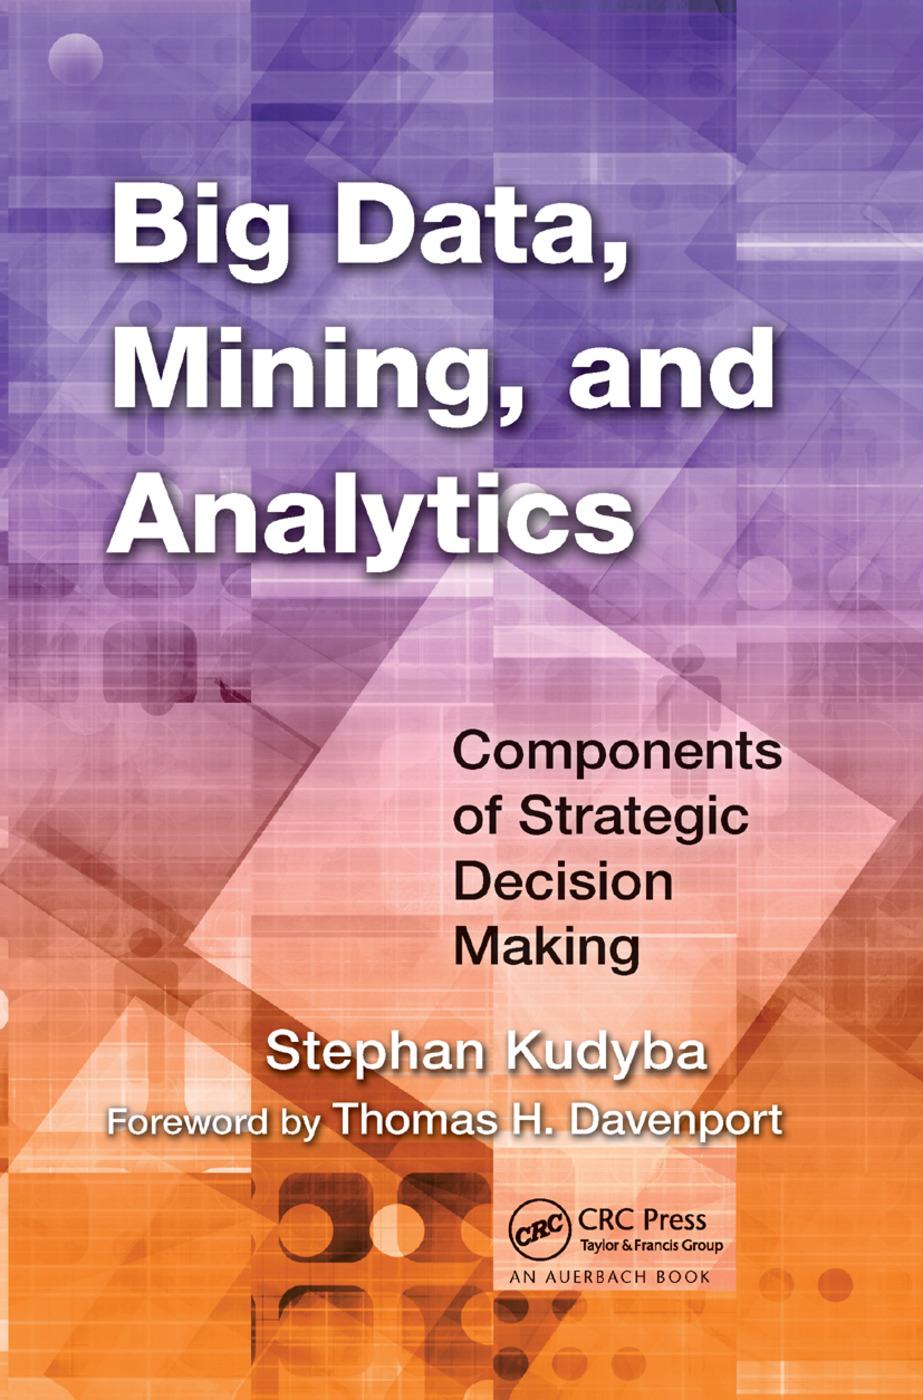 Big Data, Mining, and Analytics